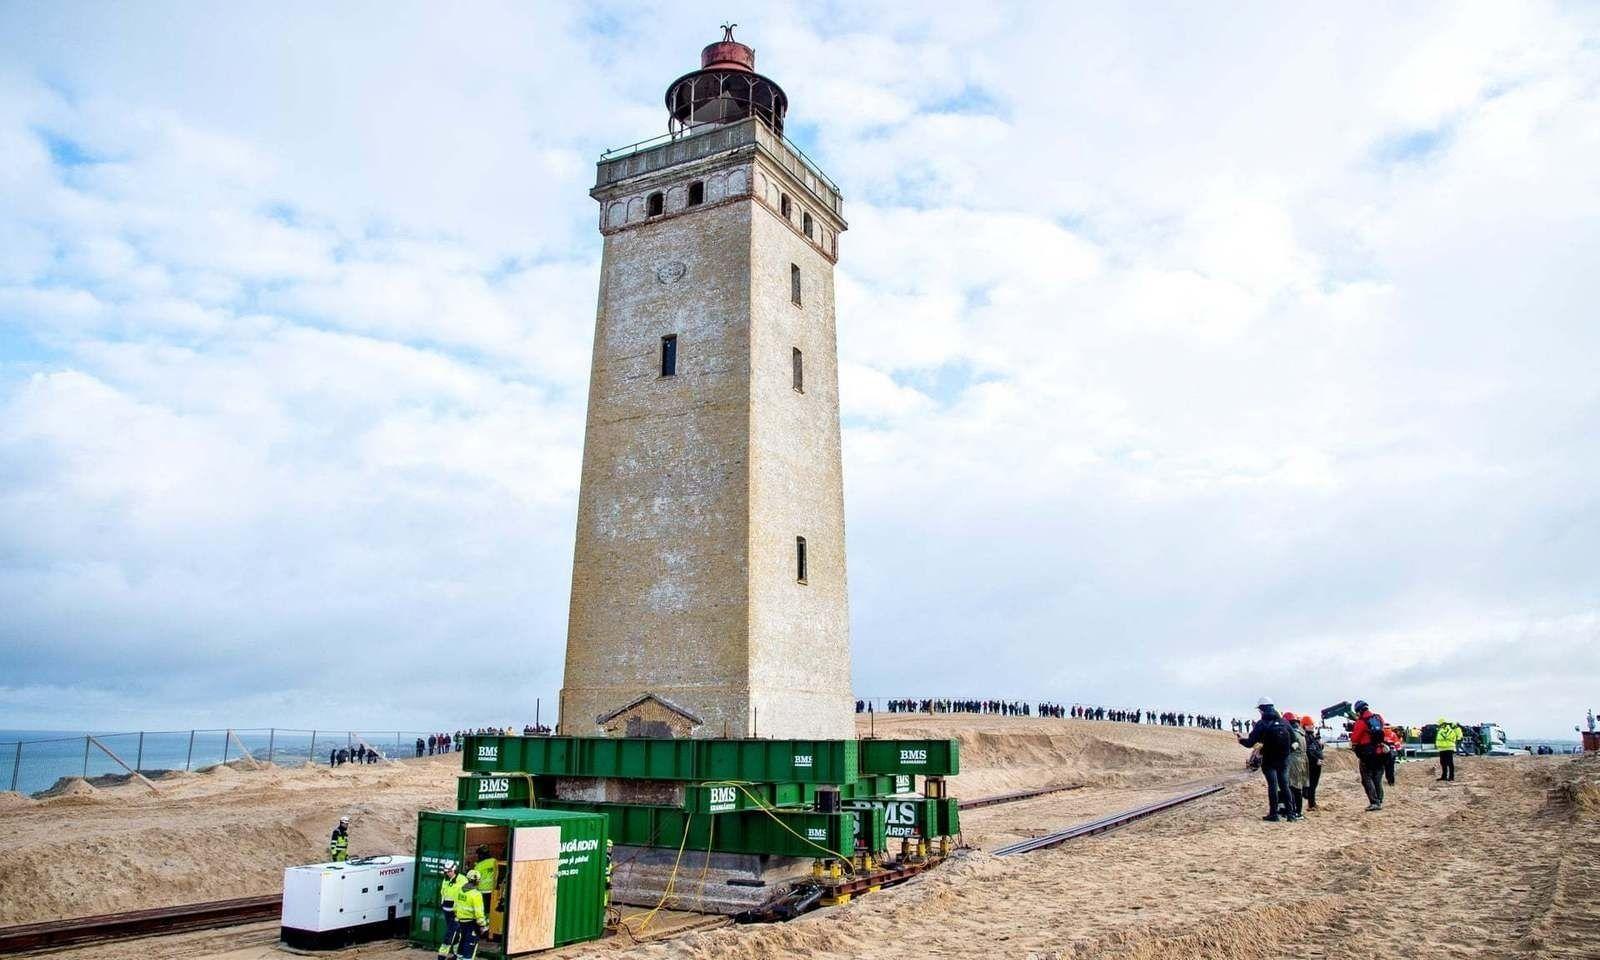 Дани улс түүхийн дурсгал болсон гэрэлт цамхагаа нүүлгэж байна